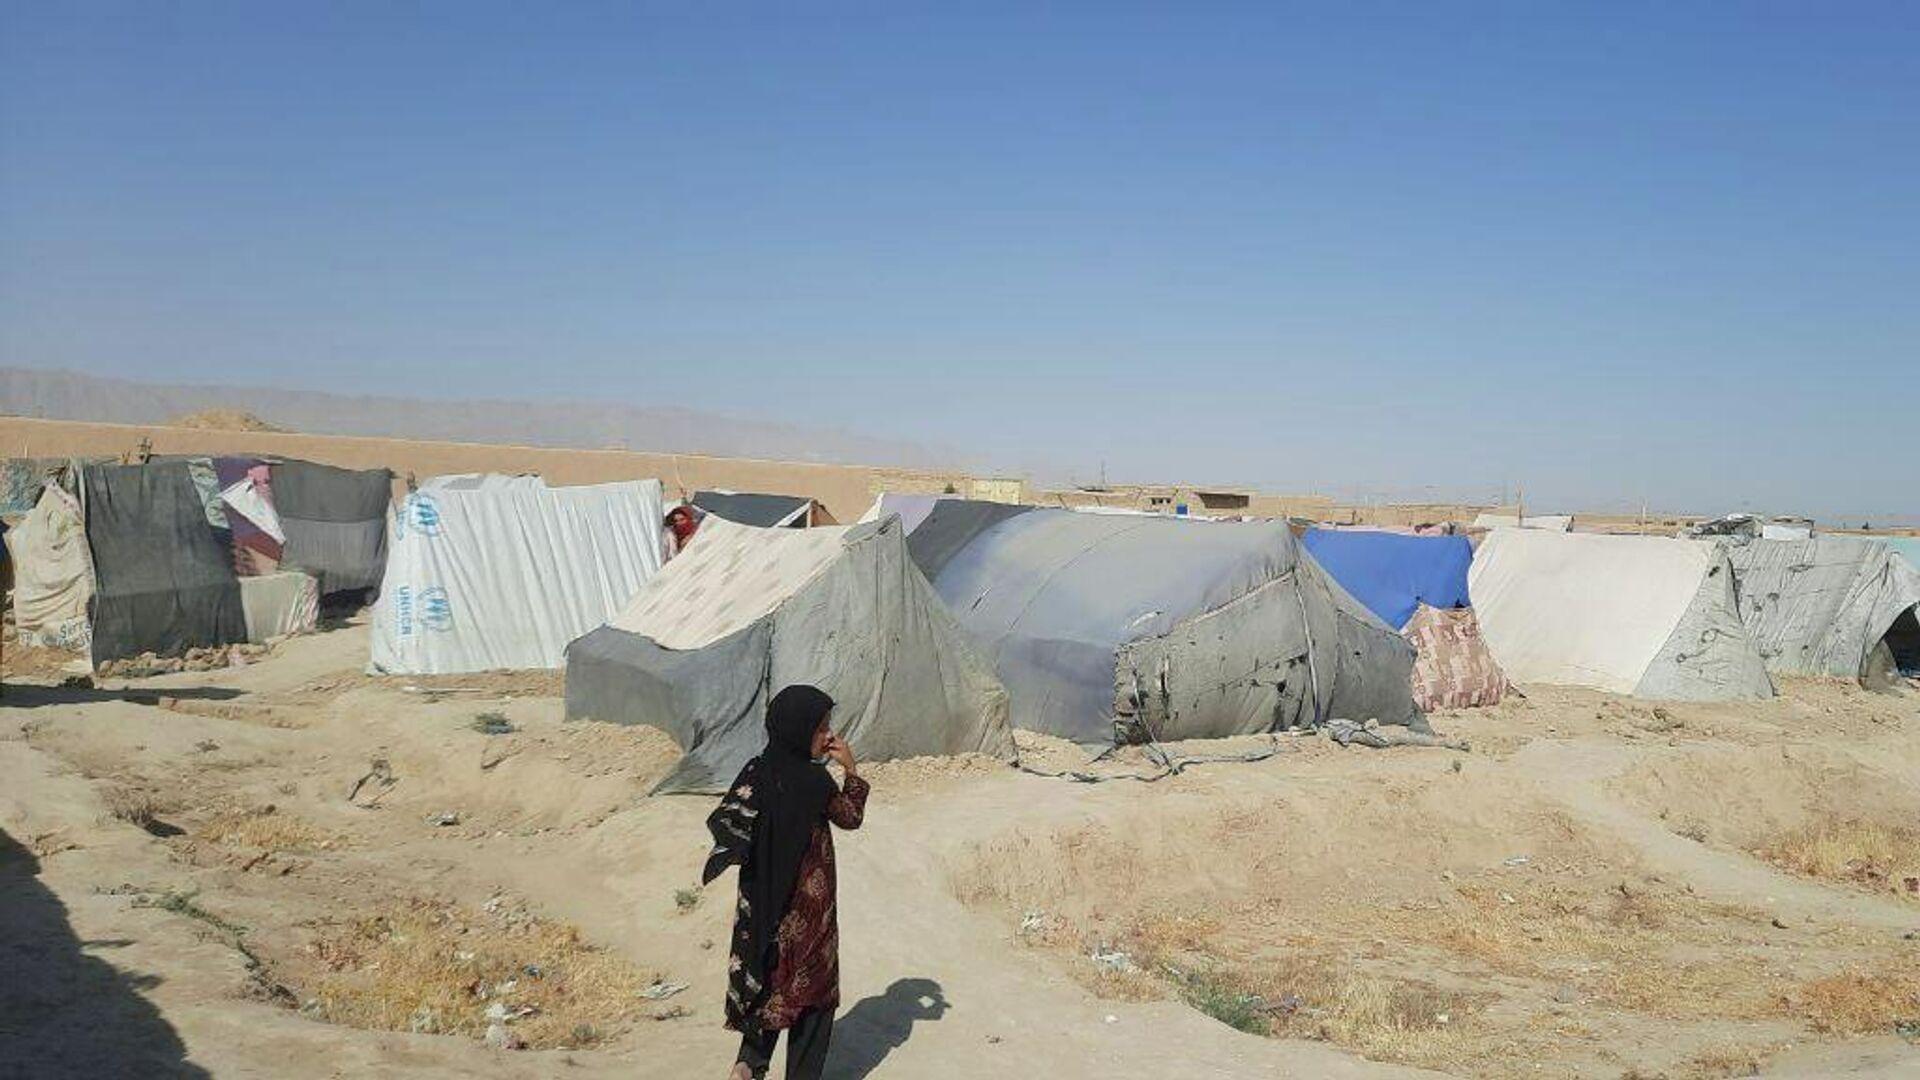 Лагерь беженцев в Мазари-Шарифе - Sputnik Таджикистан, 1920, 28.07.2021